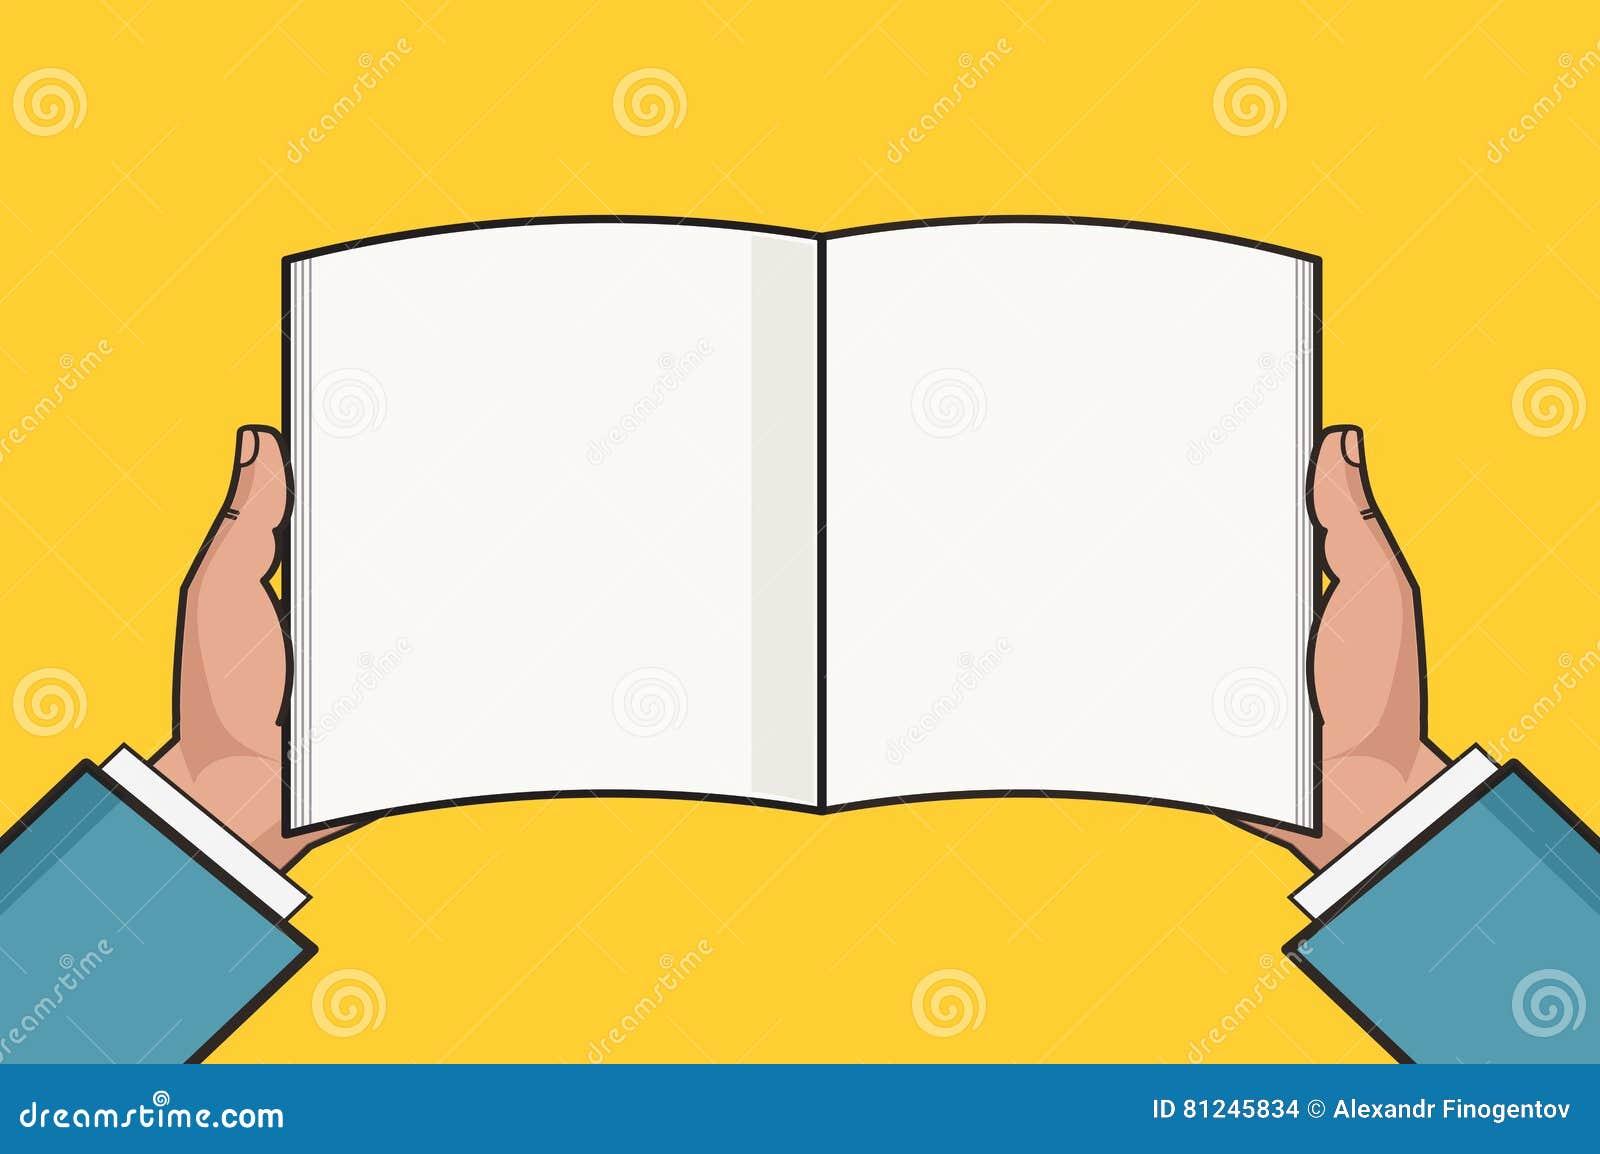 blank hands diagram wiring diagrams